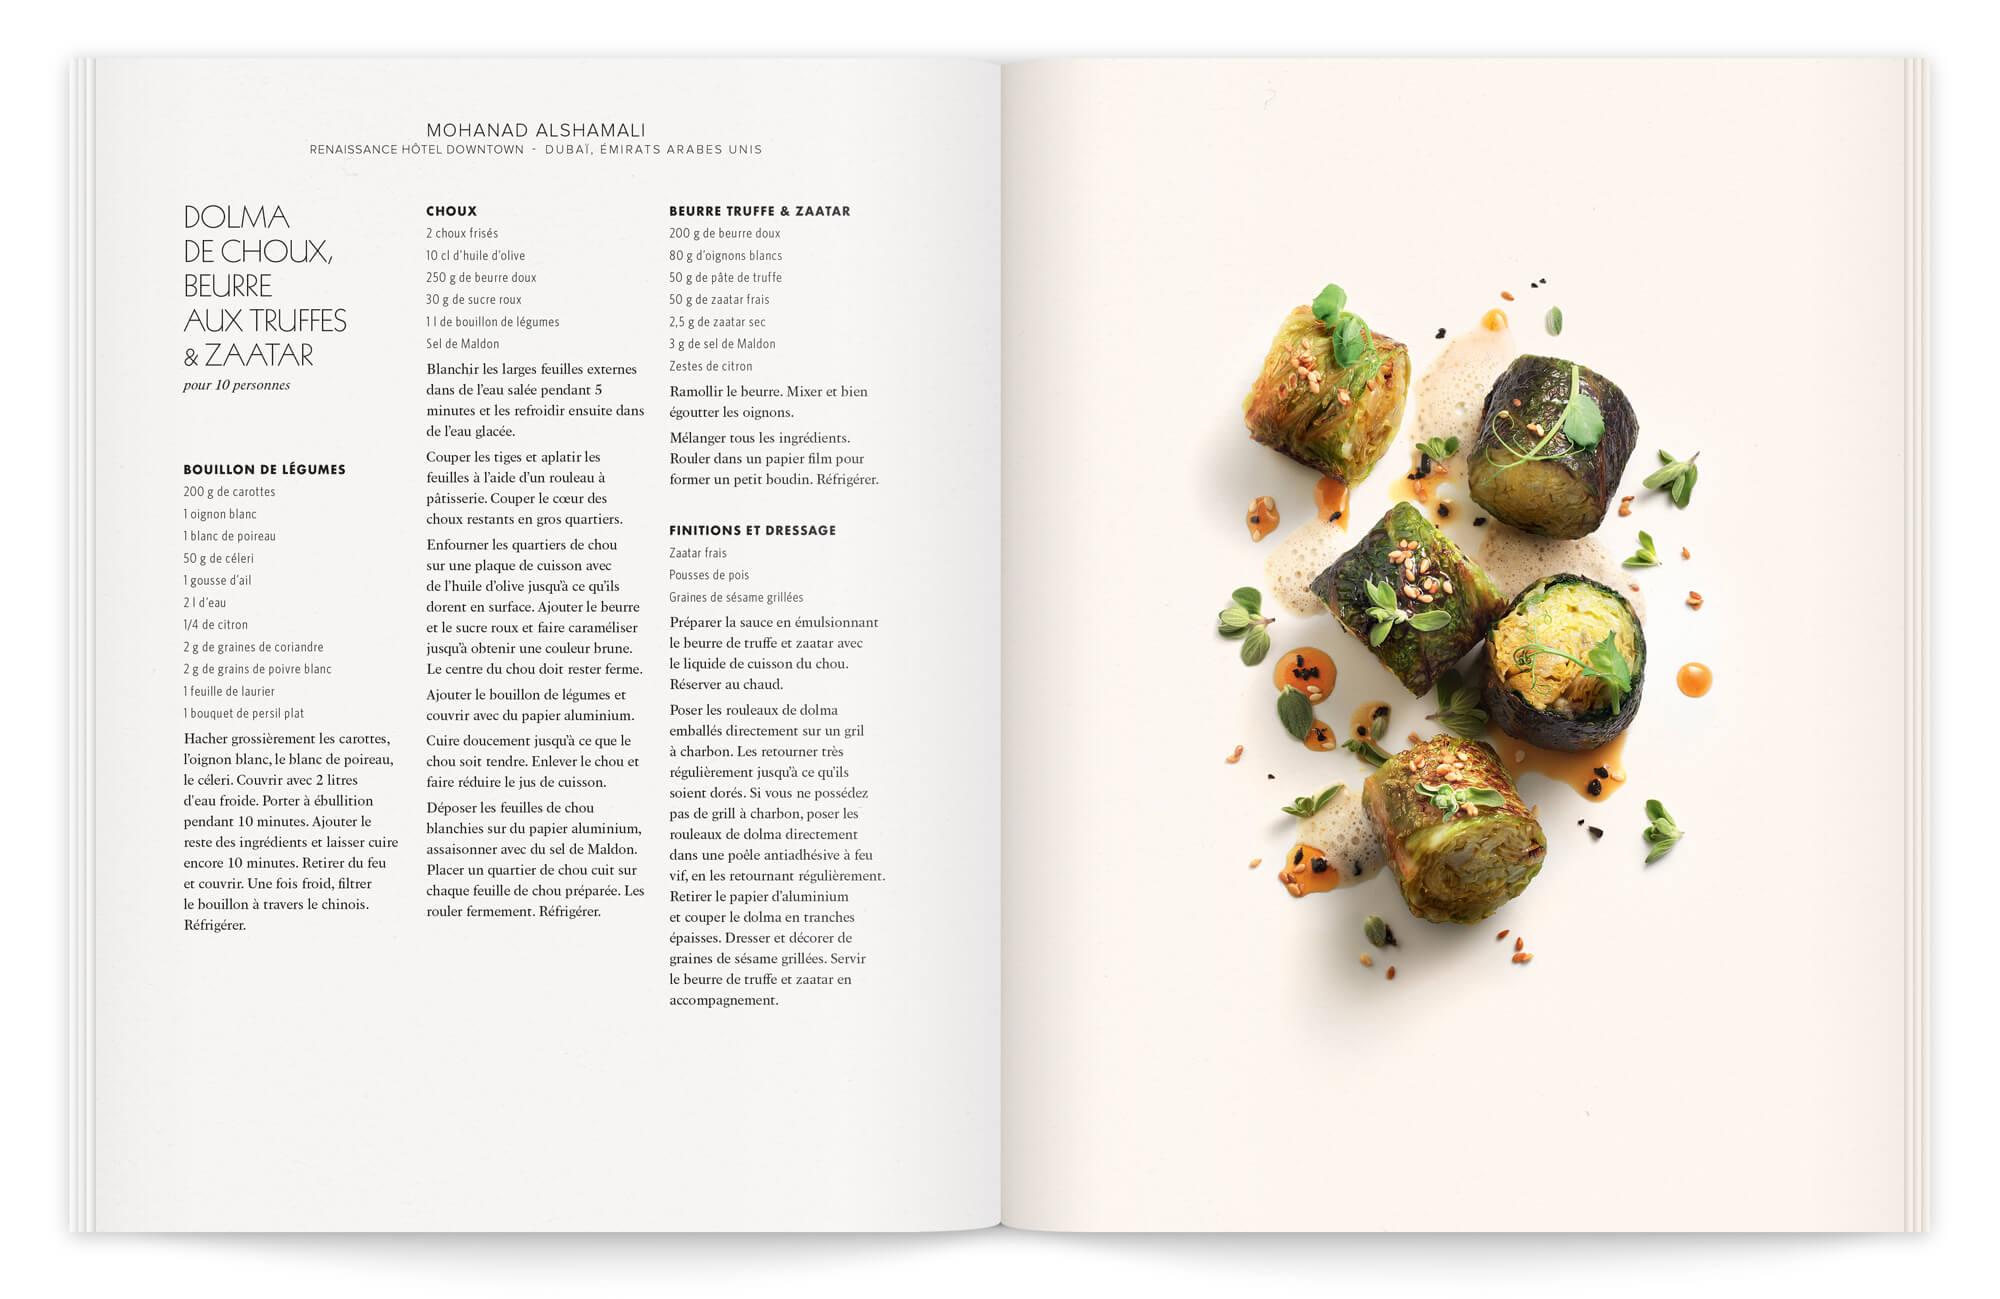 un cahier secrets de beurre, secrets de chefs, la photographie est de peter lippman sous la direction d'ich&kar, lumière et piqué sont de mise pour une composition sans assiette